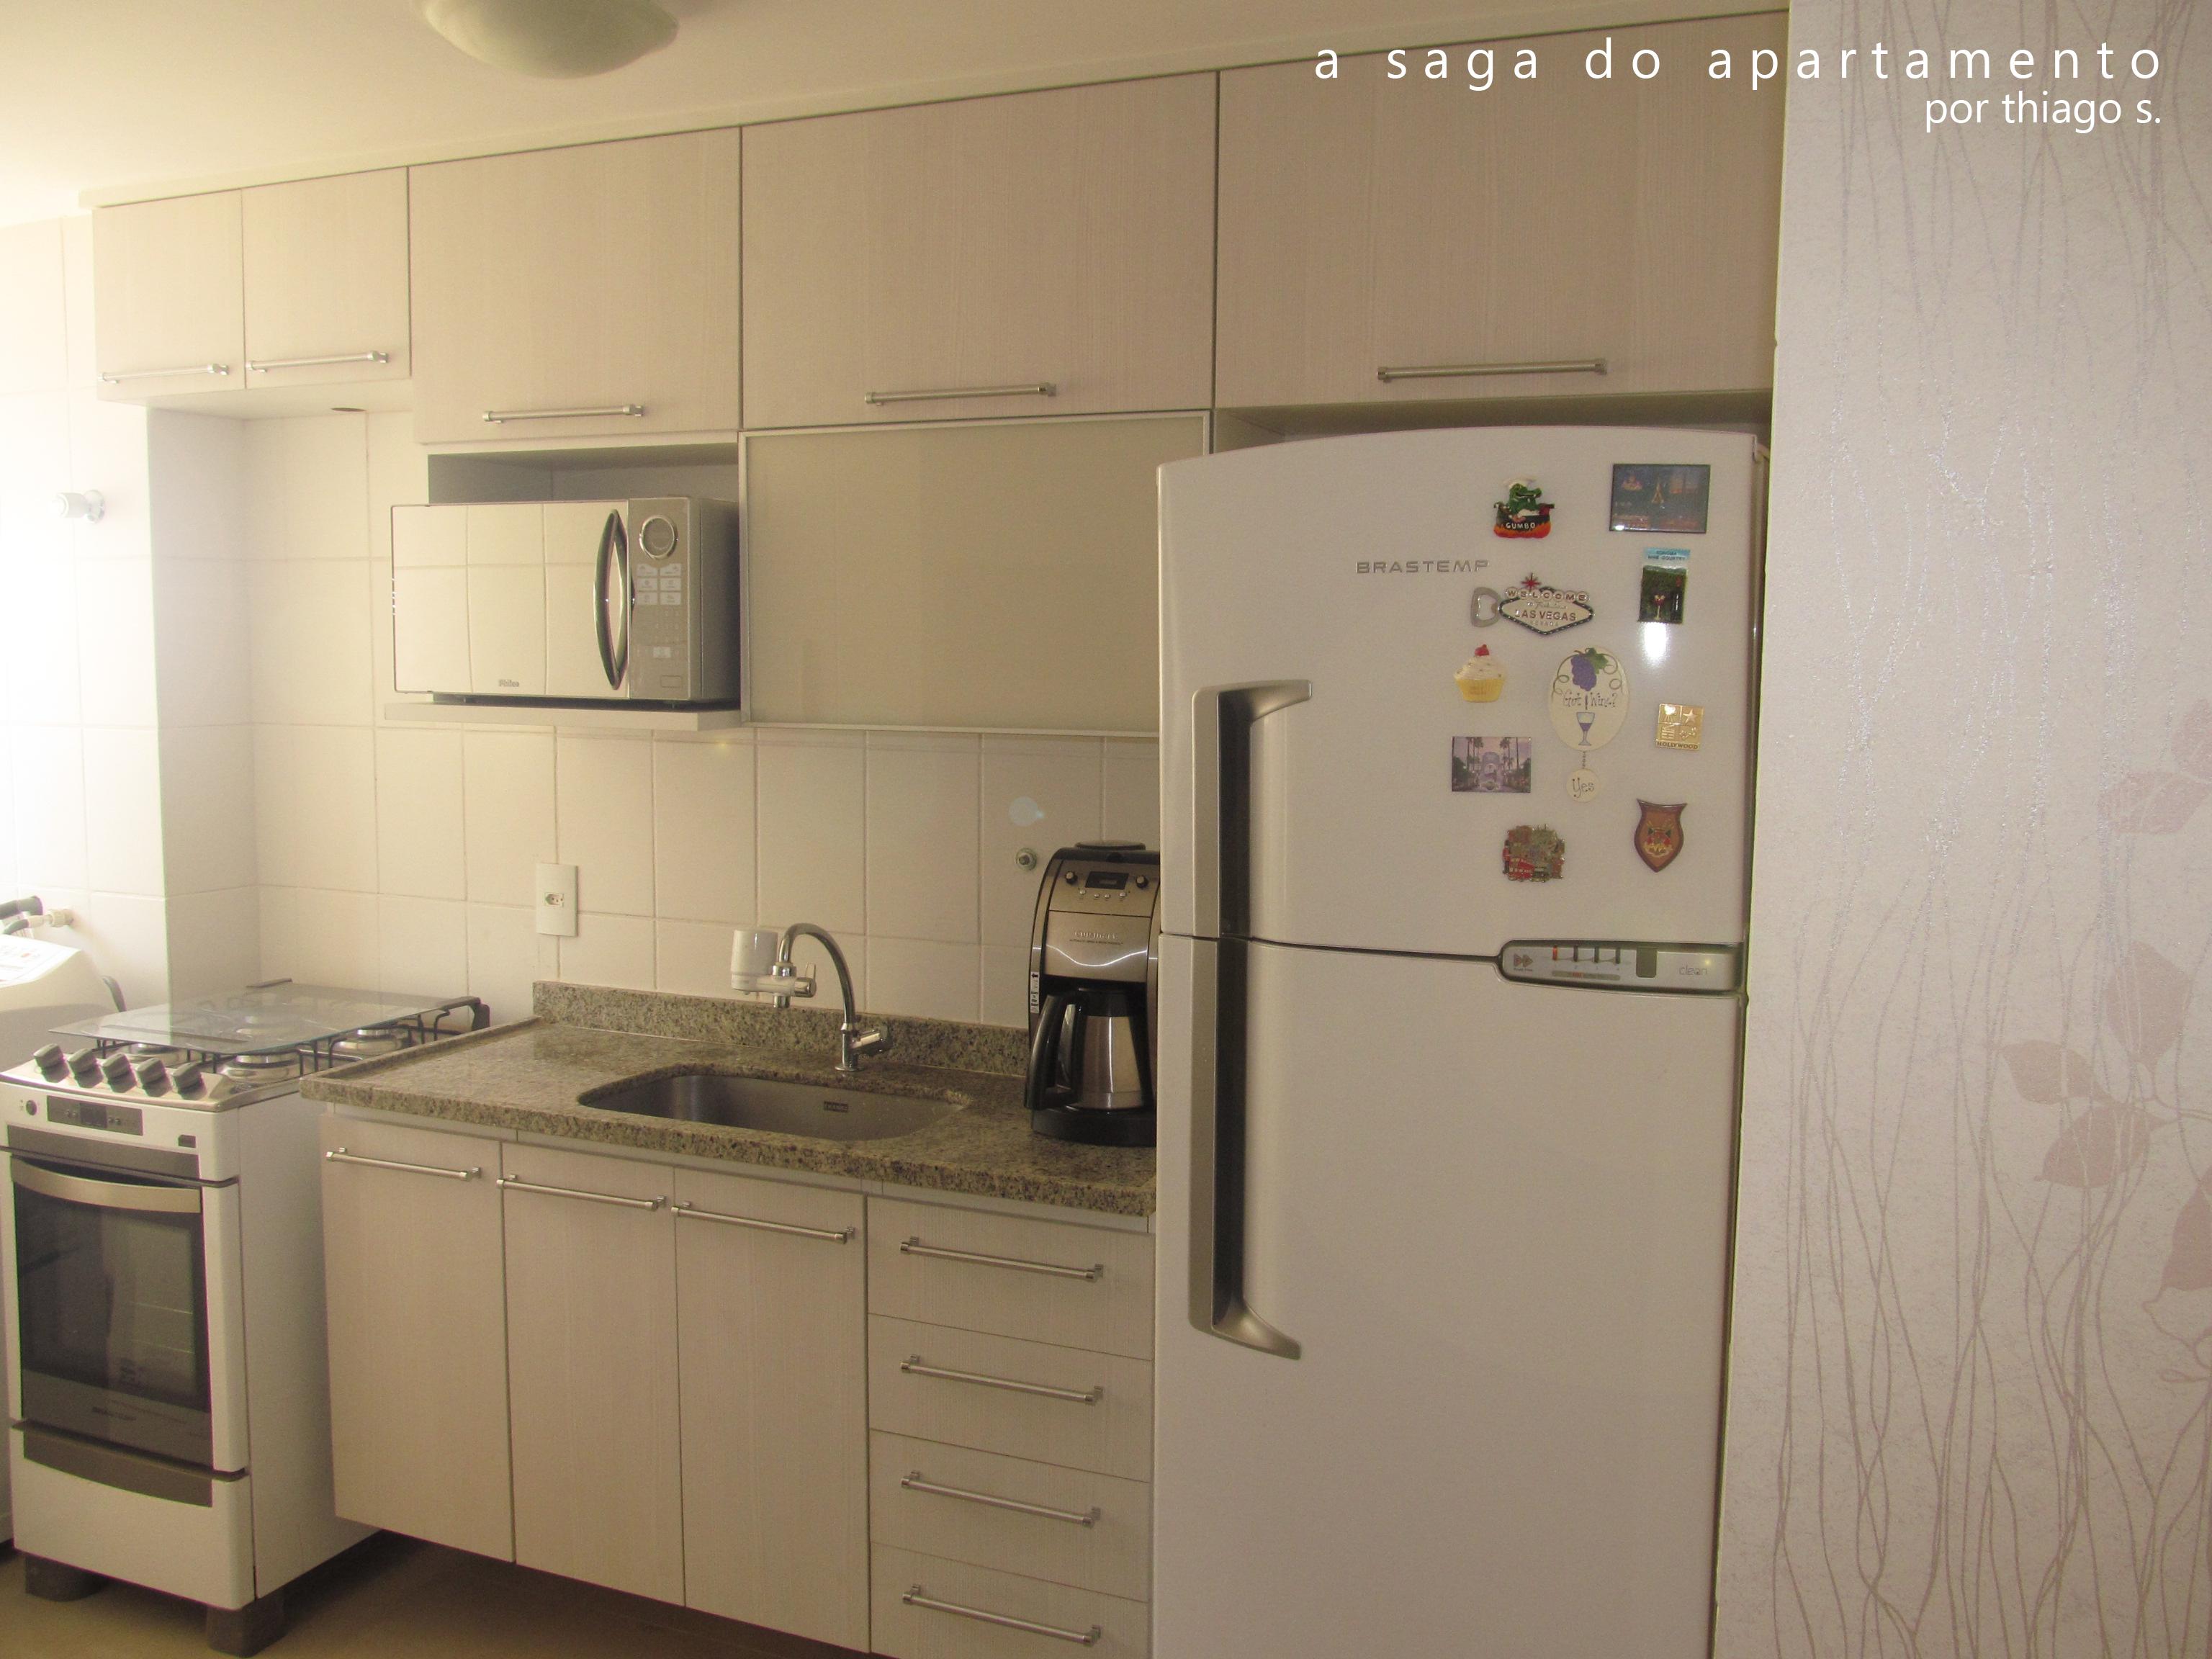 projeto de cozinha planejada pequena #90743B 3072 2304